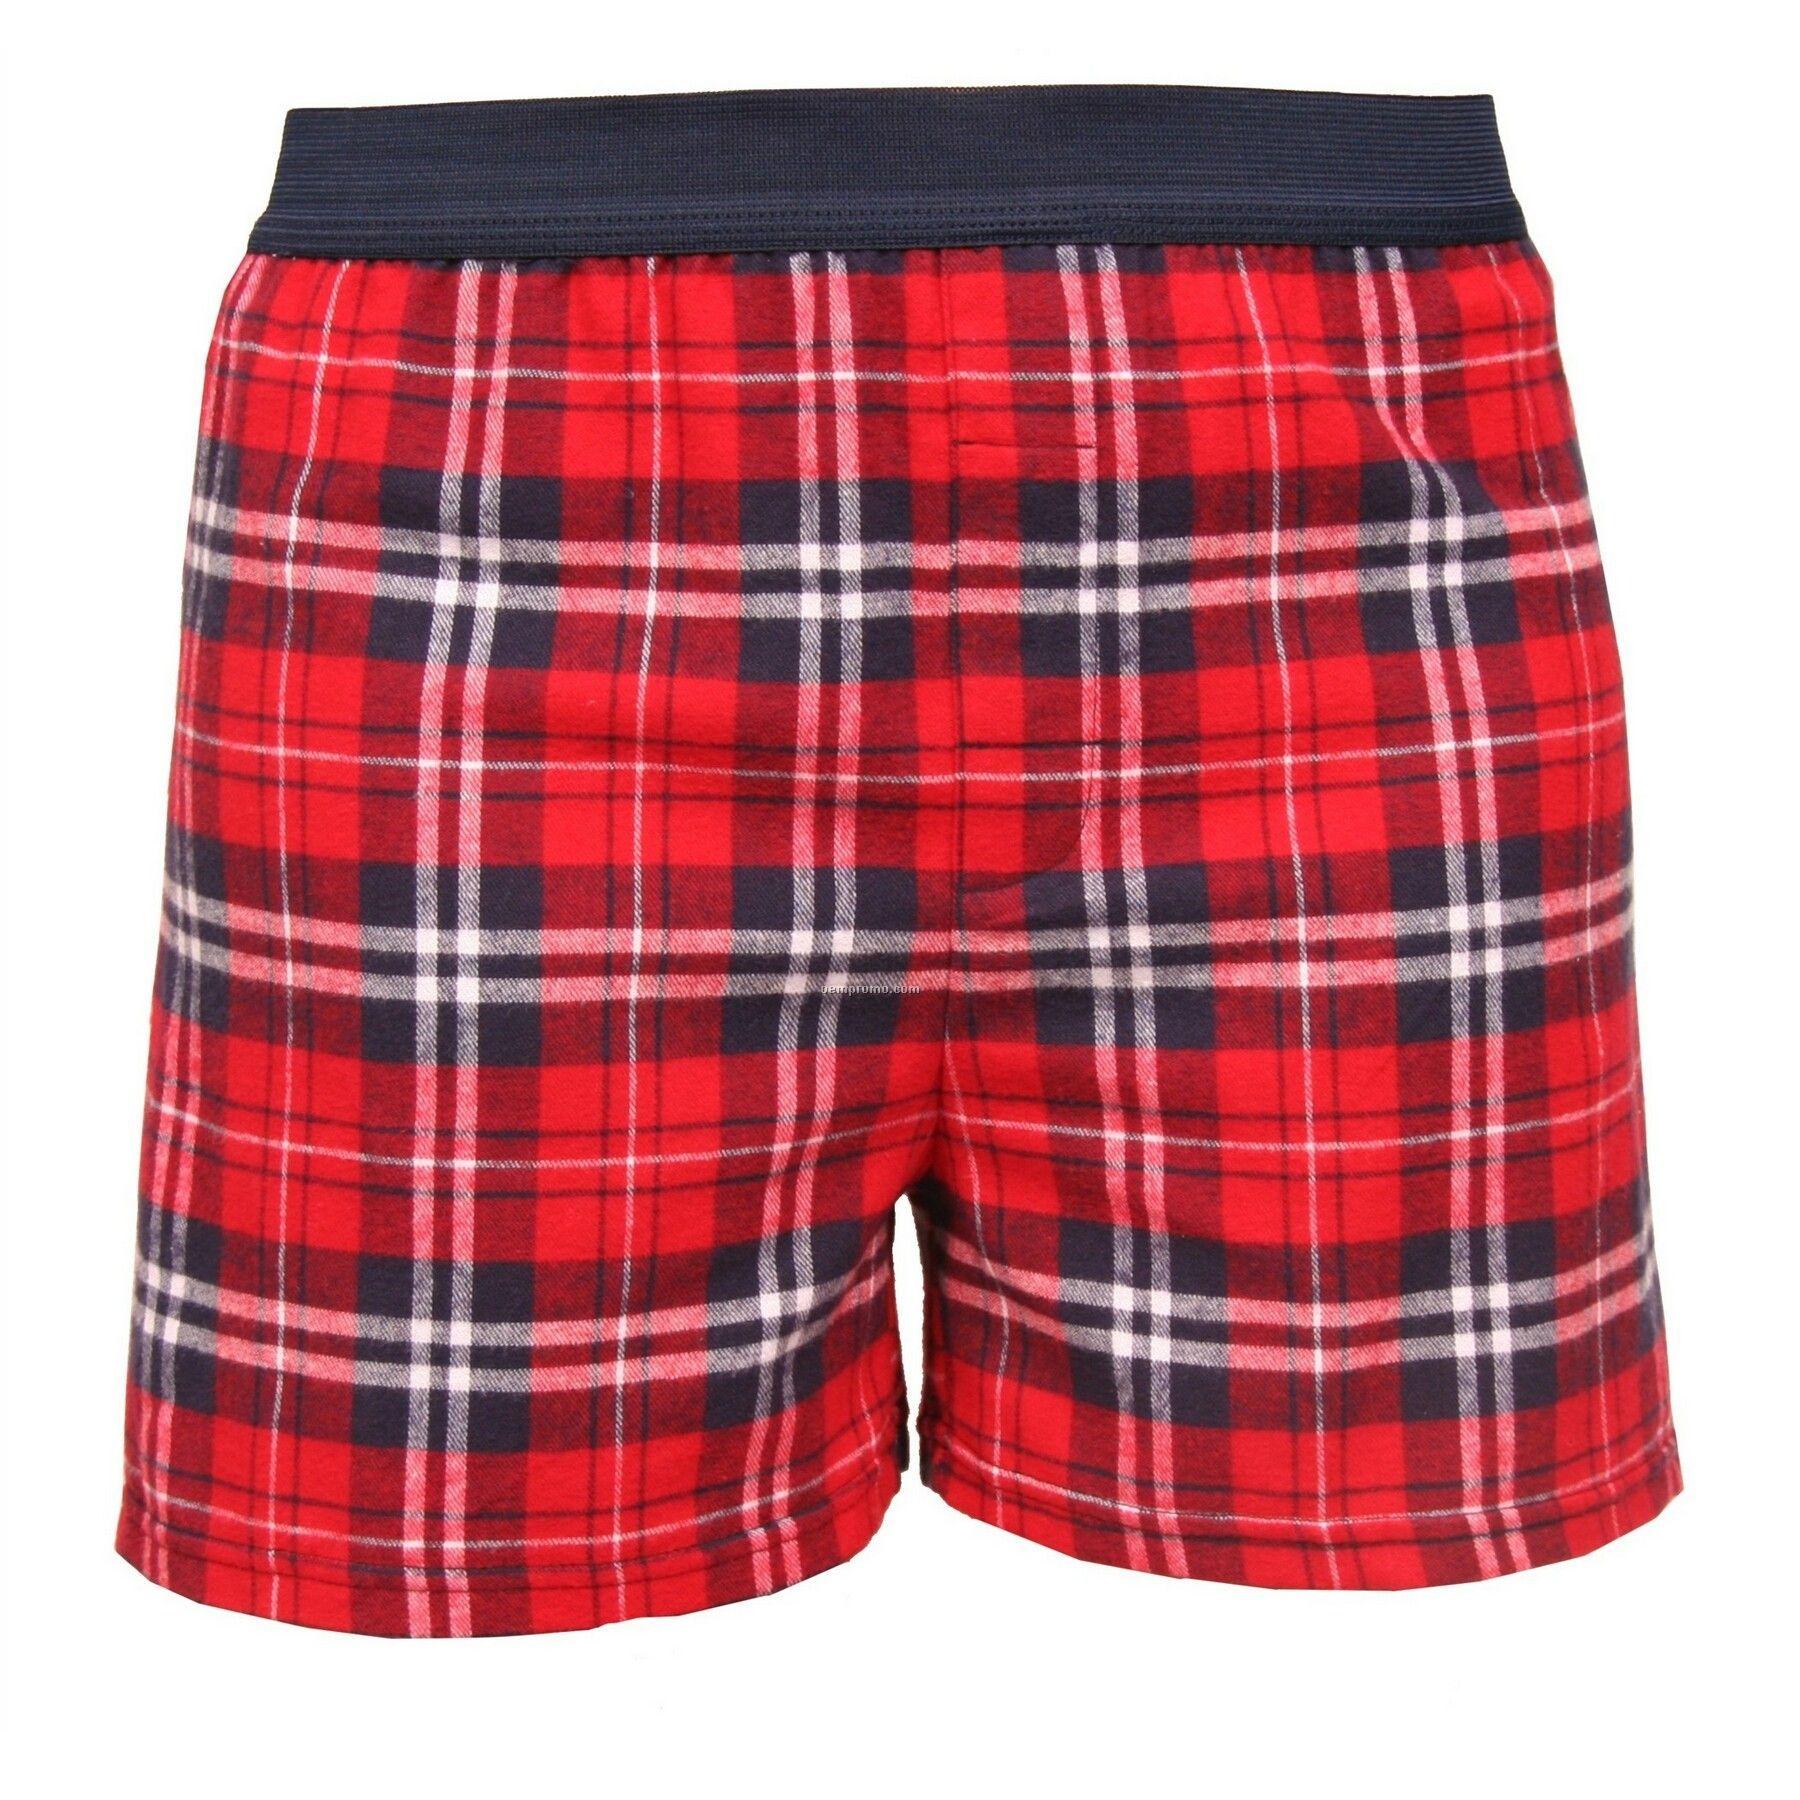 b91b2a9798 Tartan Flannel Underwear Related Keywords   Suggestions - Tartan ...